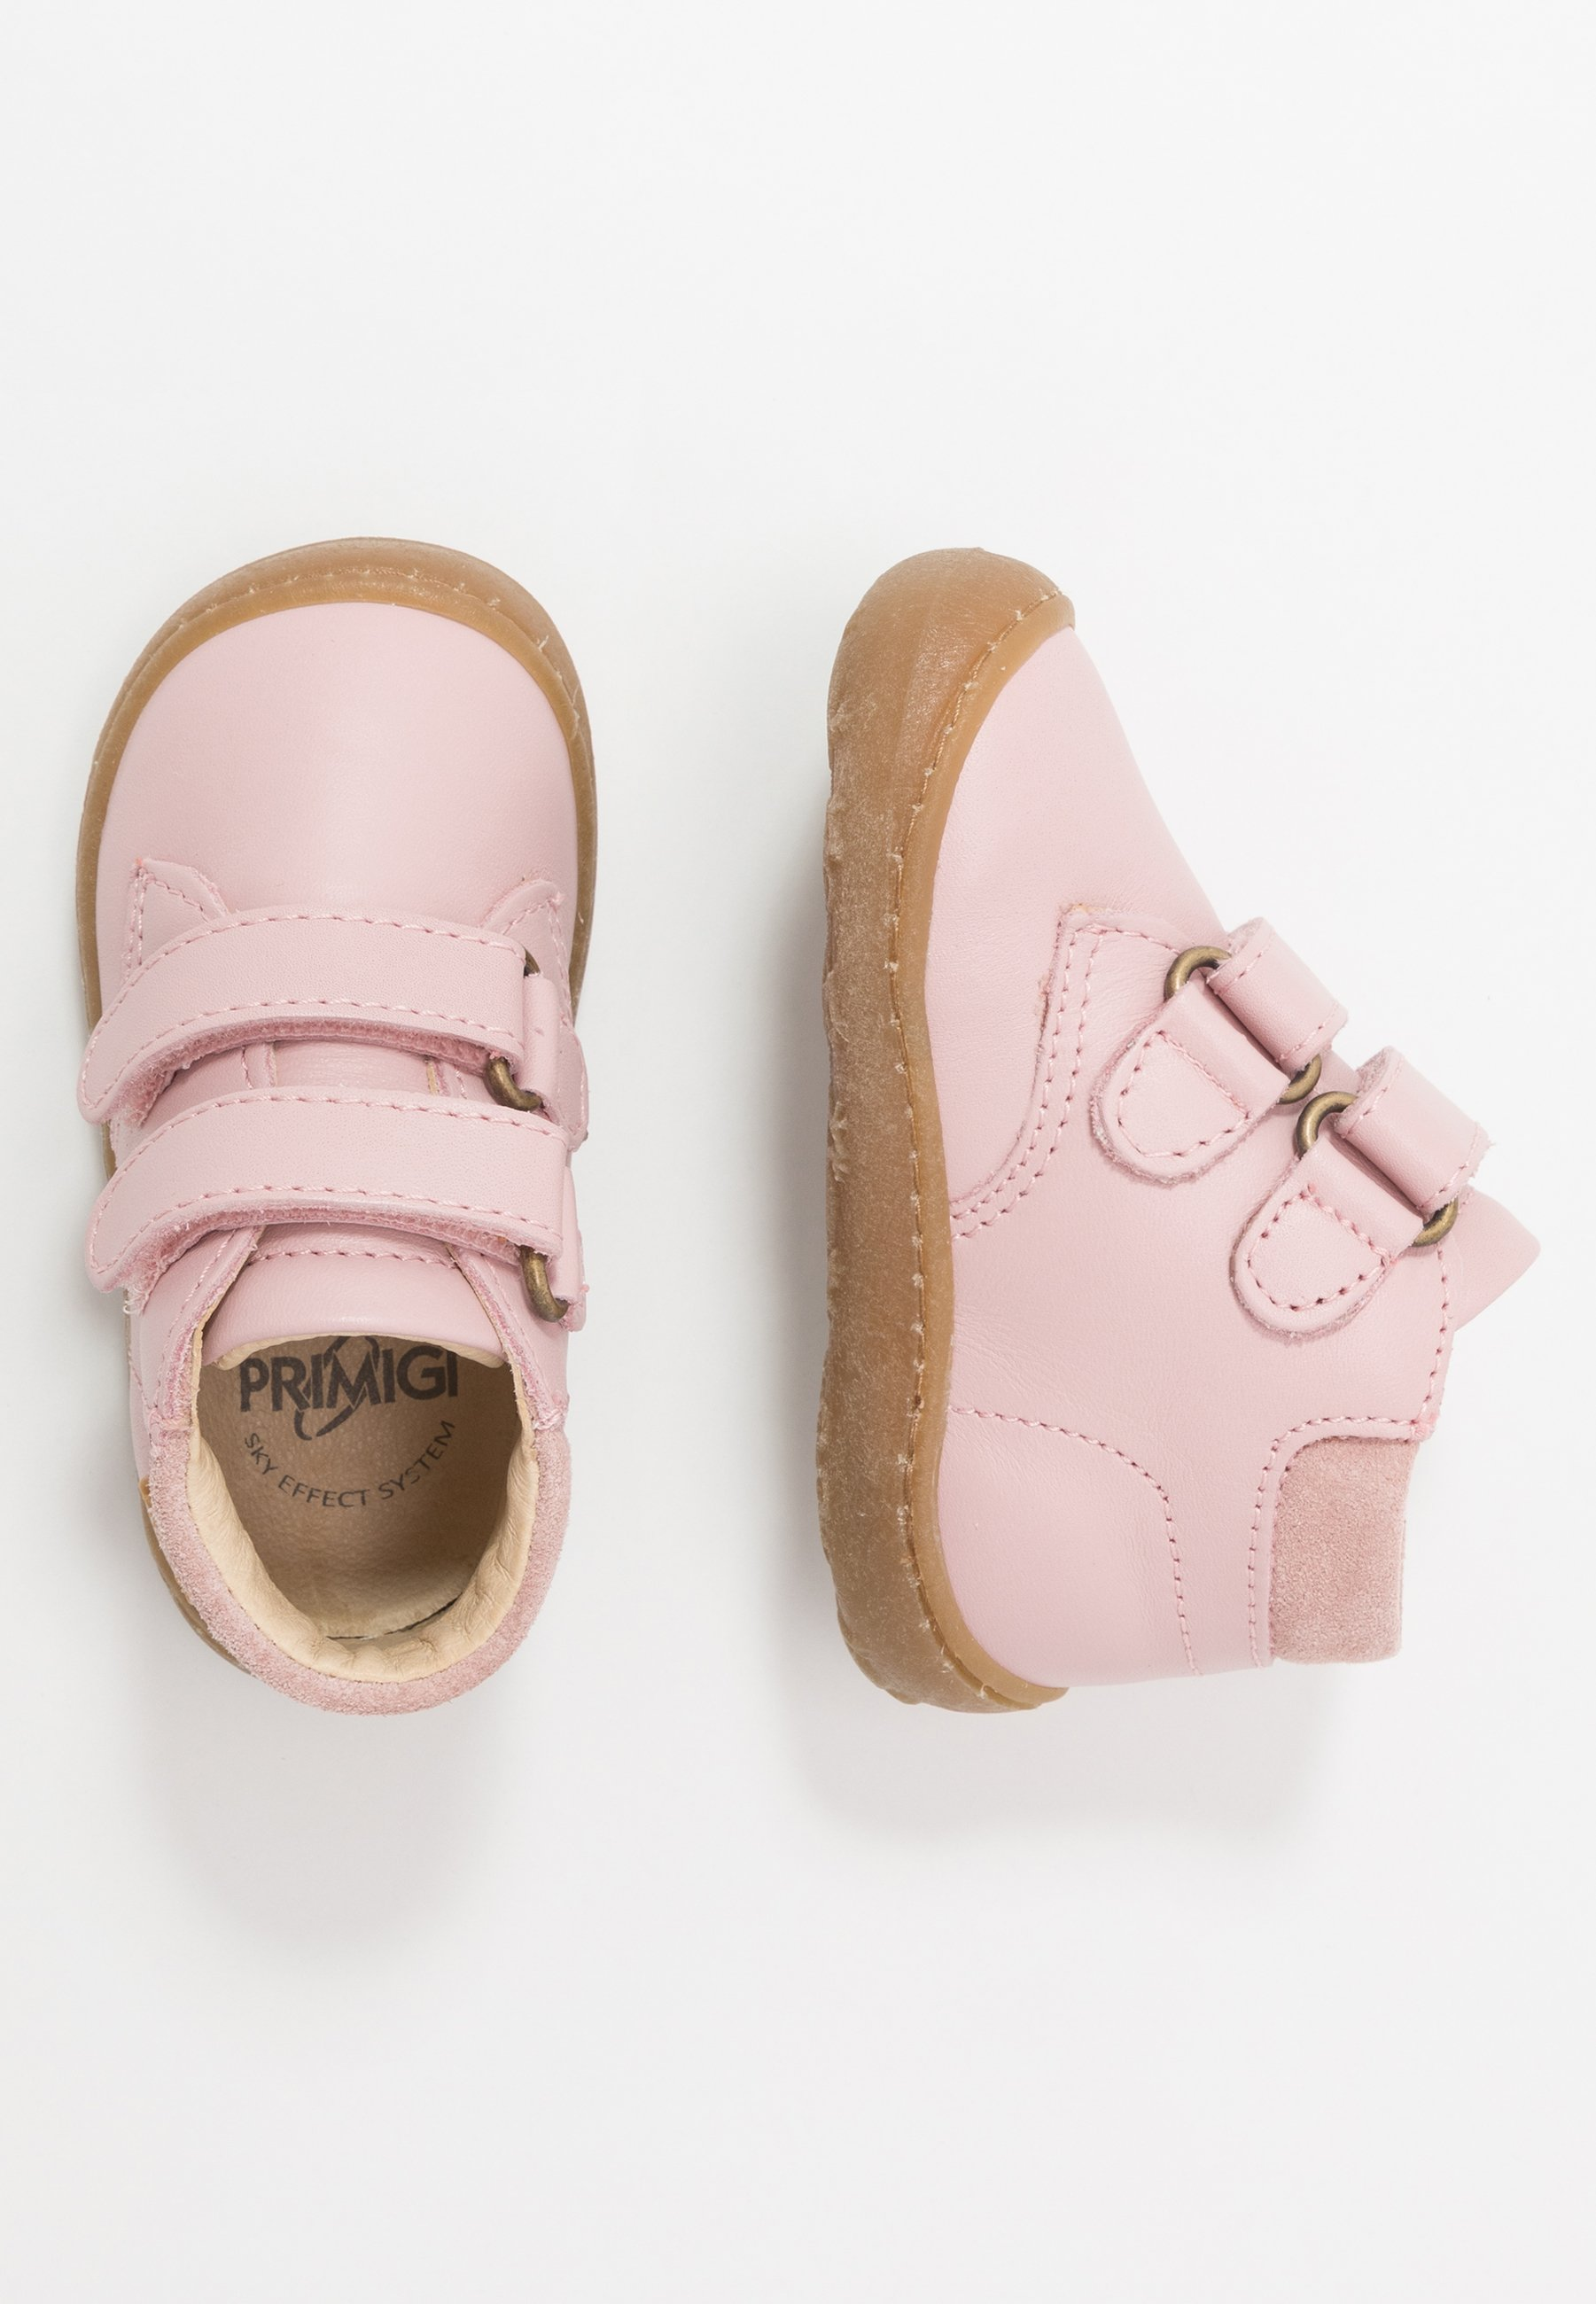 Wholesale Quality Cheapest Primigi Baby shoes - rosa | kids shoes 2020 xMZ2s